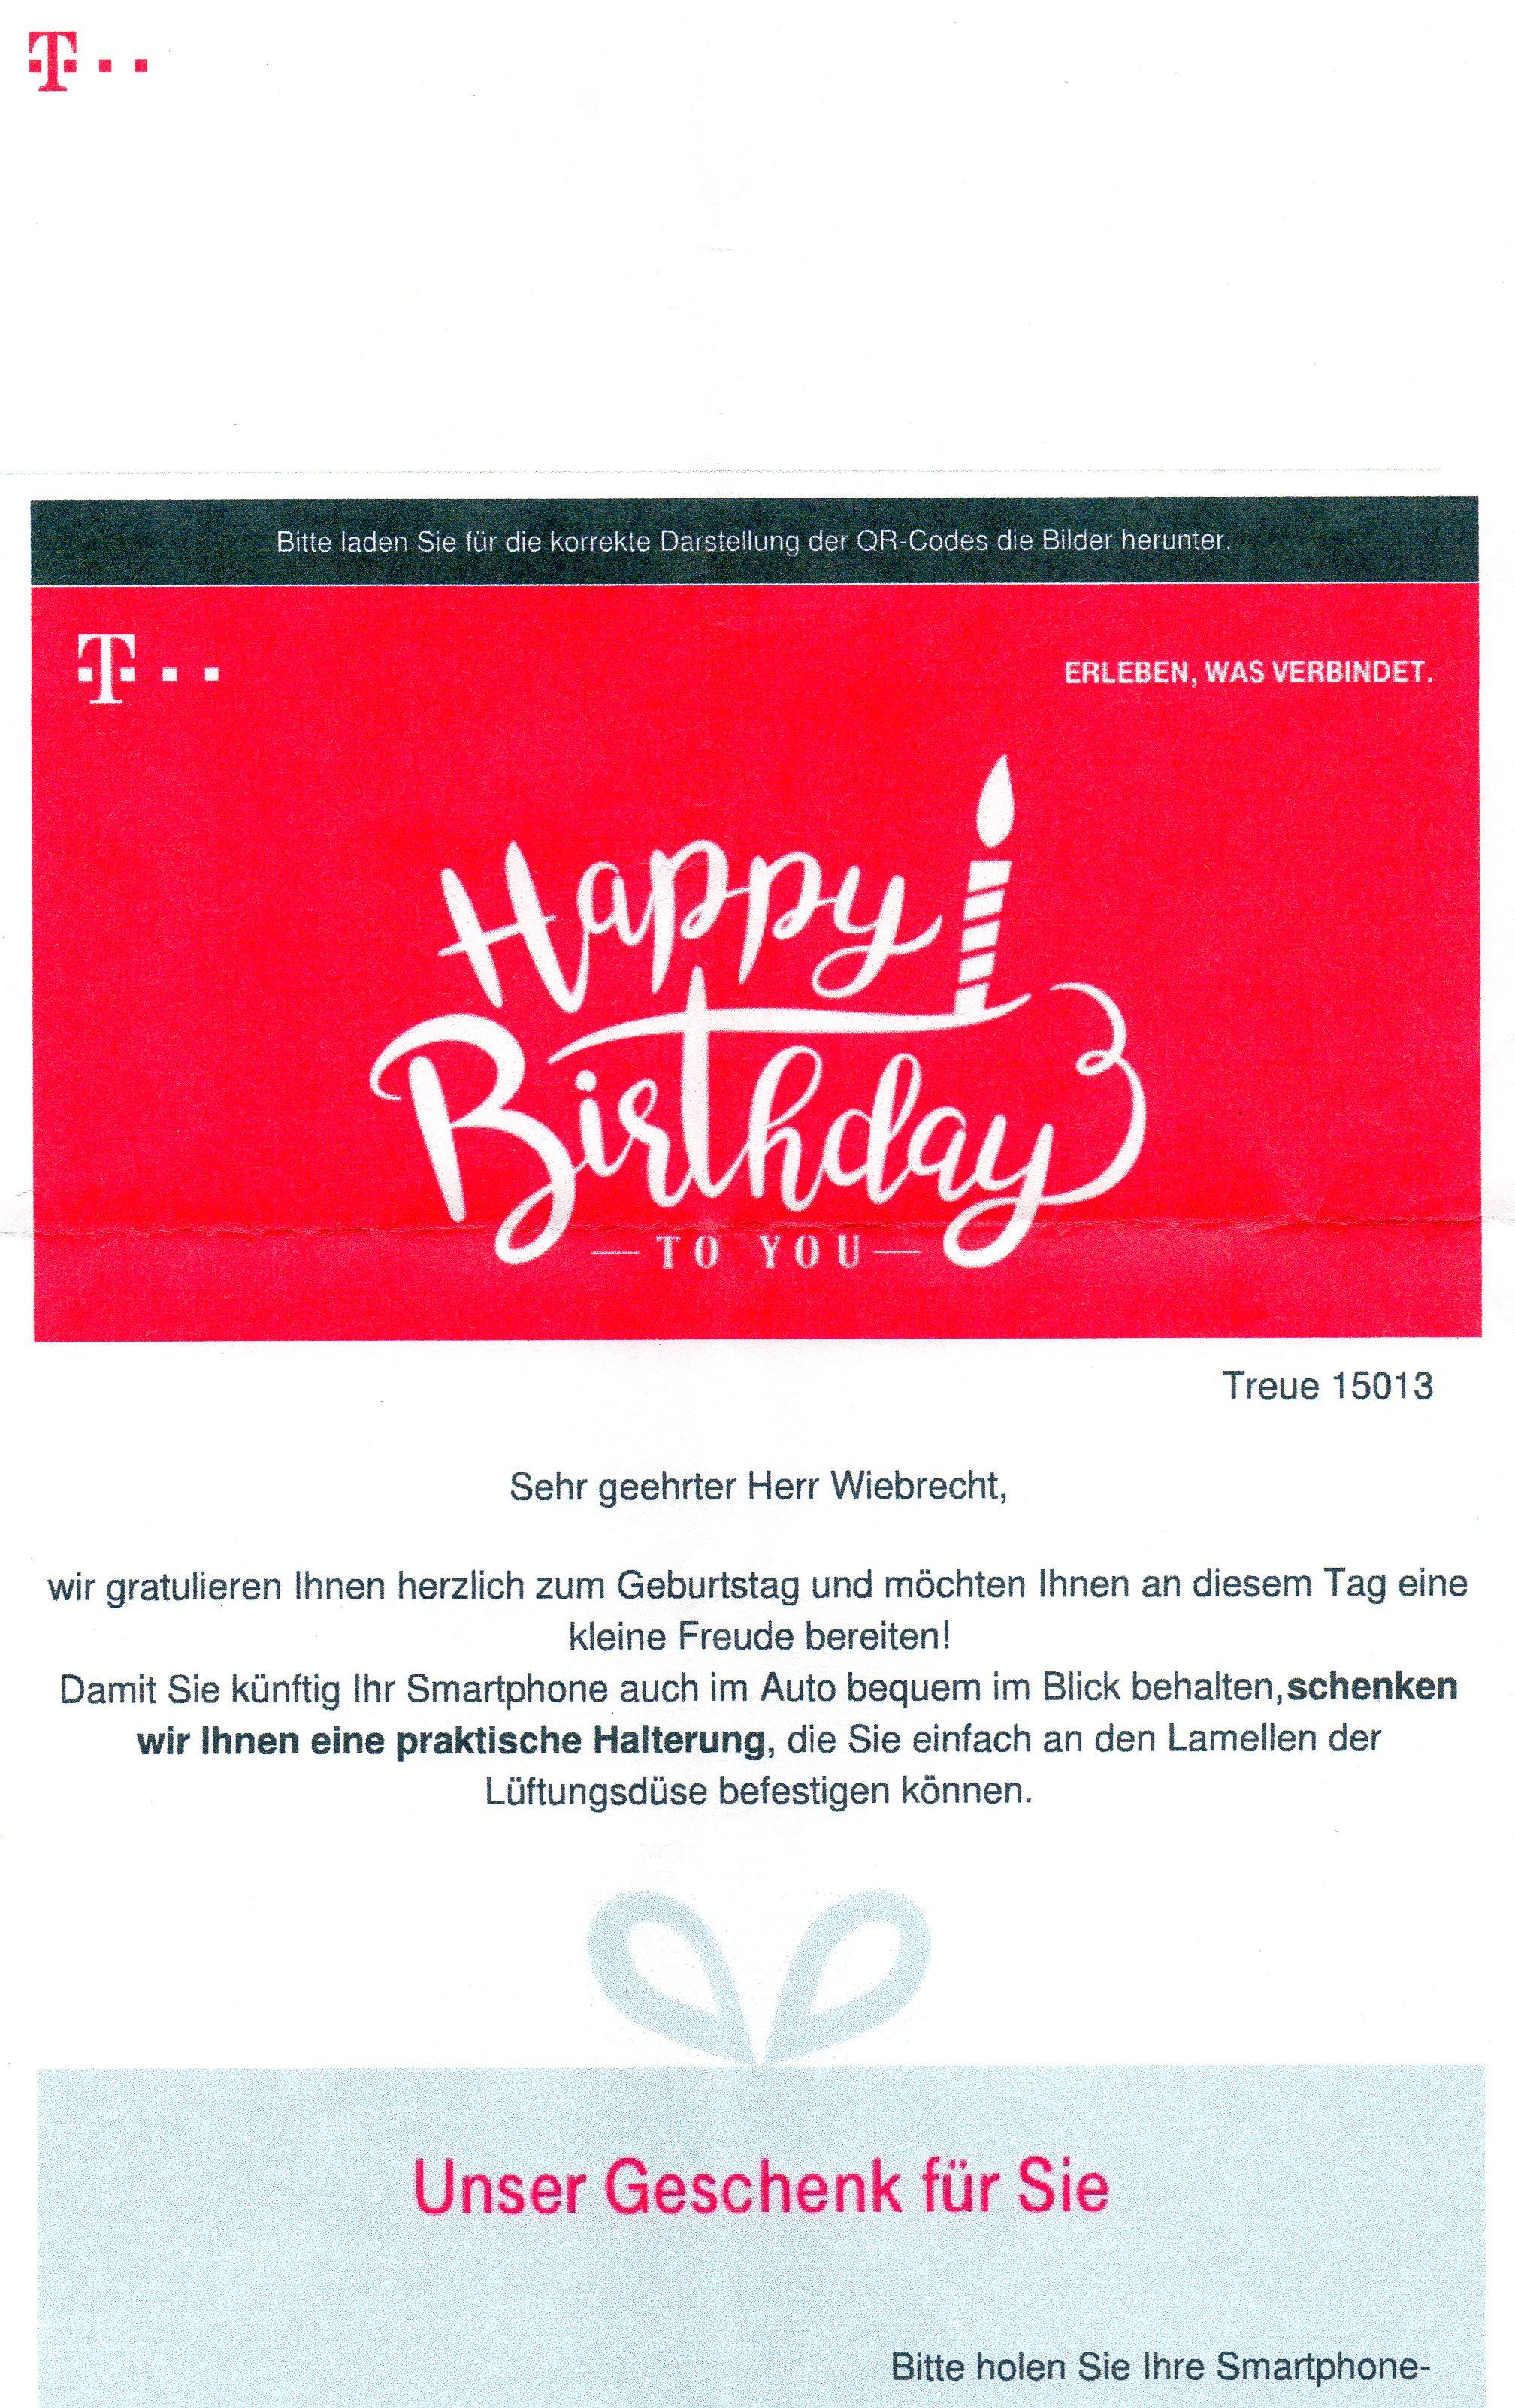 Gelost Community Geburtstagsgeschenk Einlosen Seite 3 Telekom